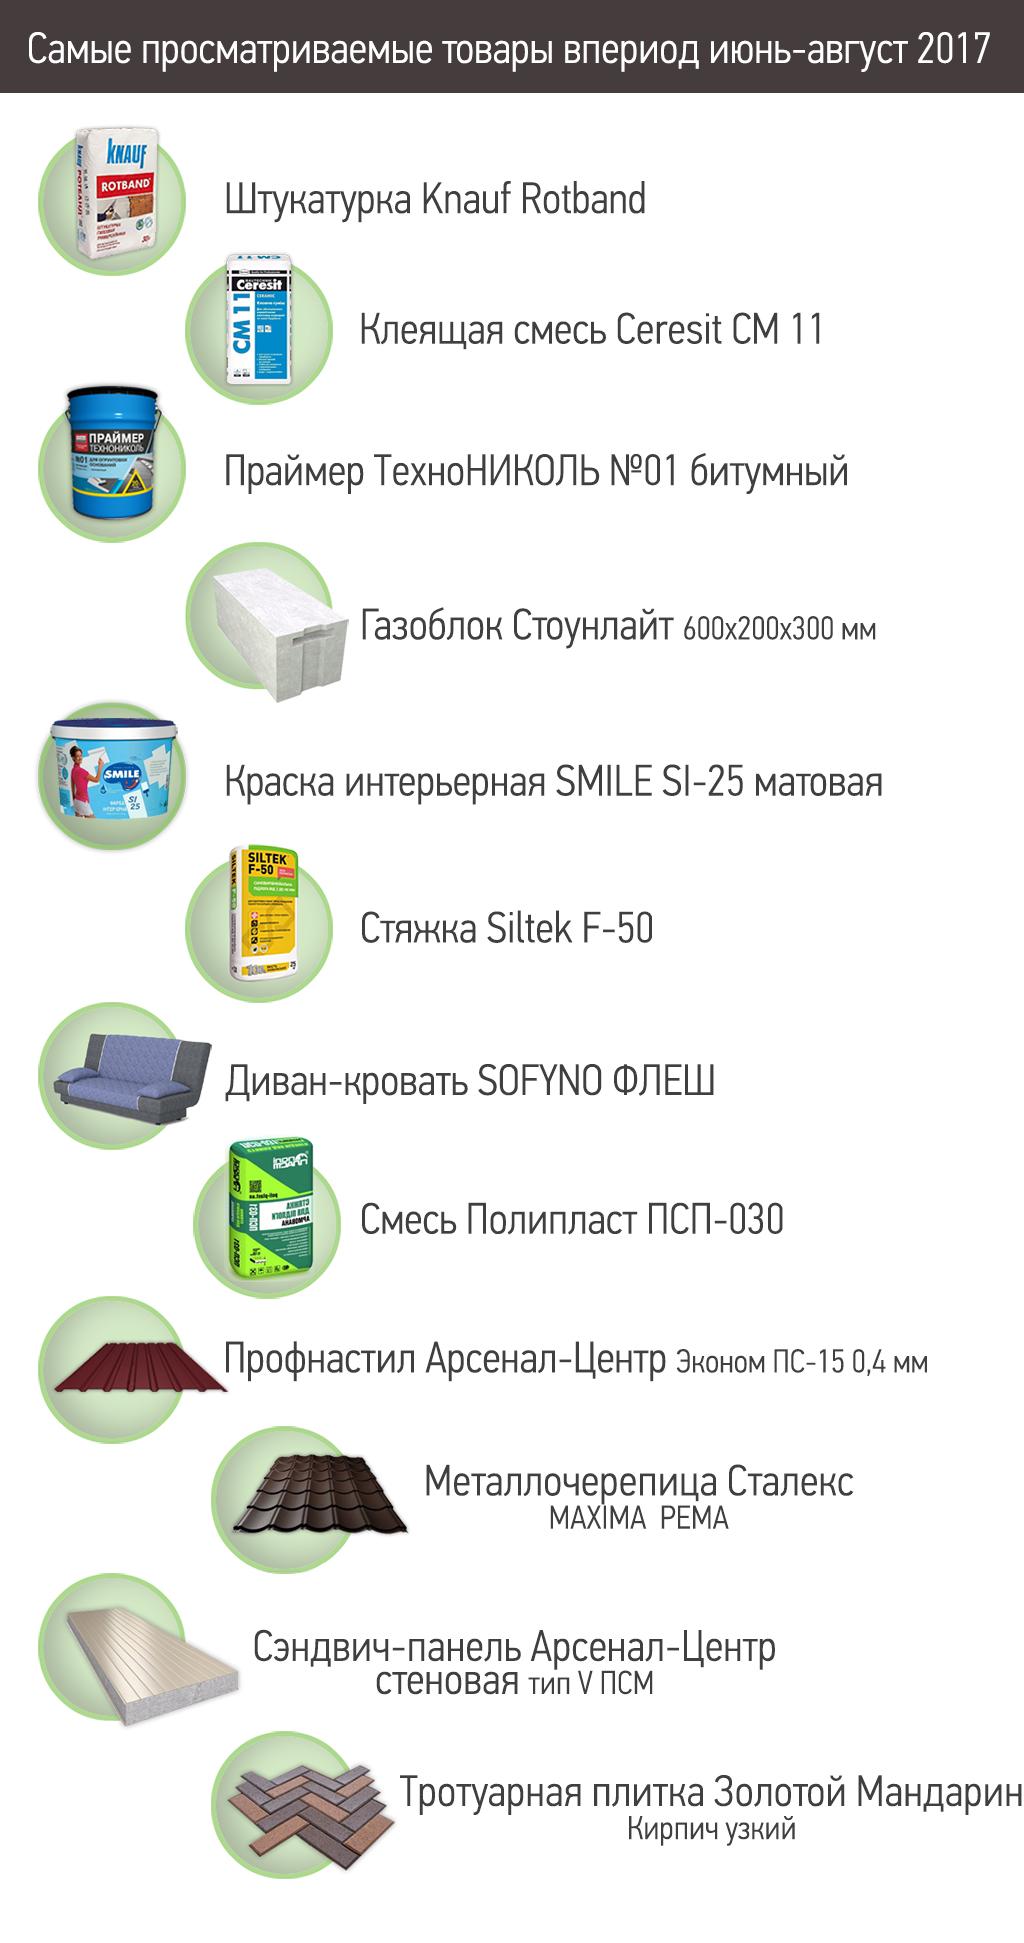 чем интересовались пользователи ibud.ua